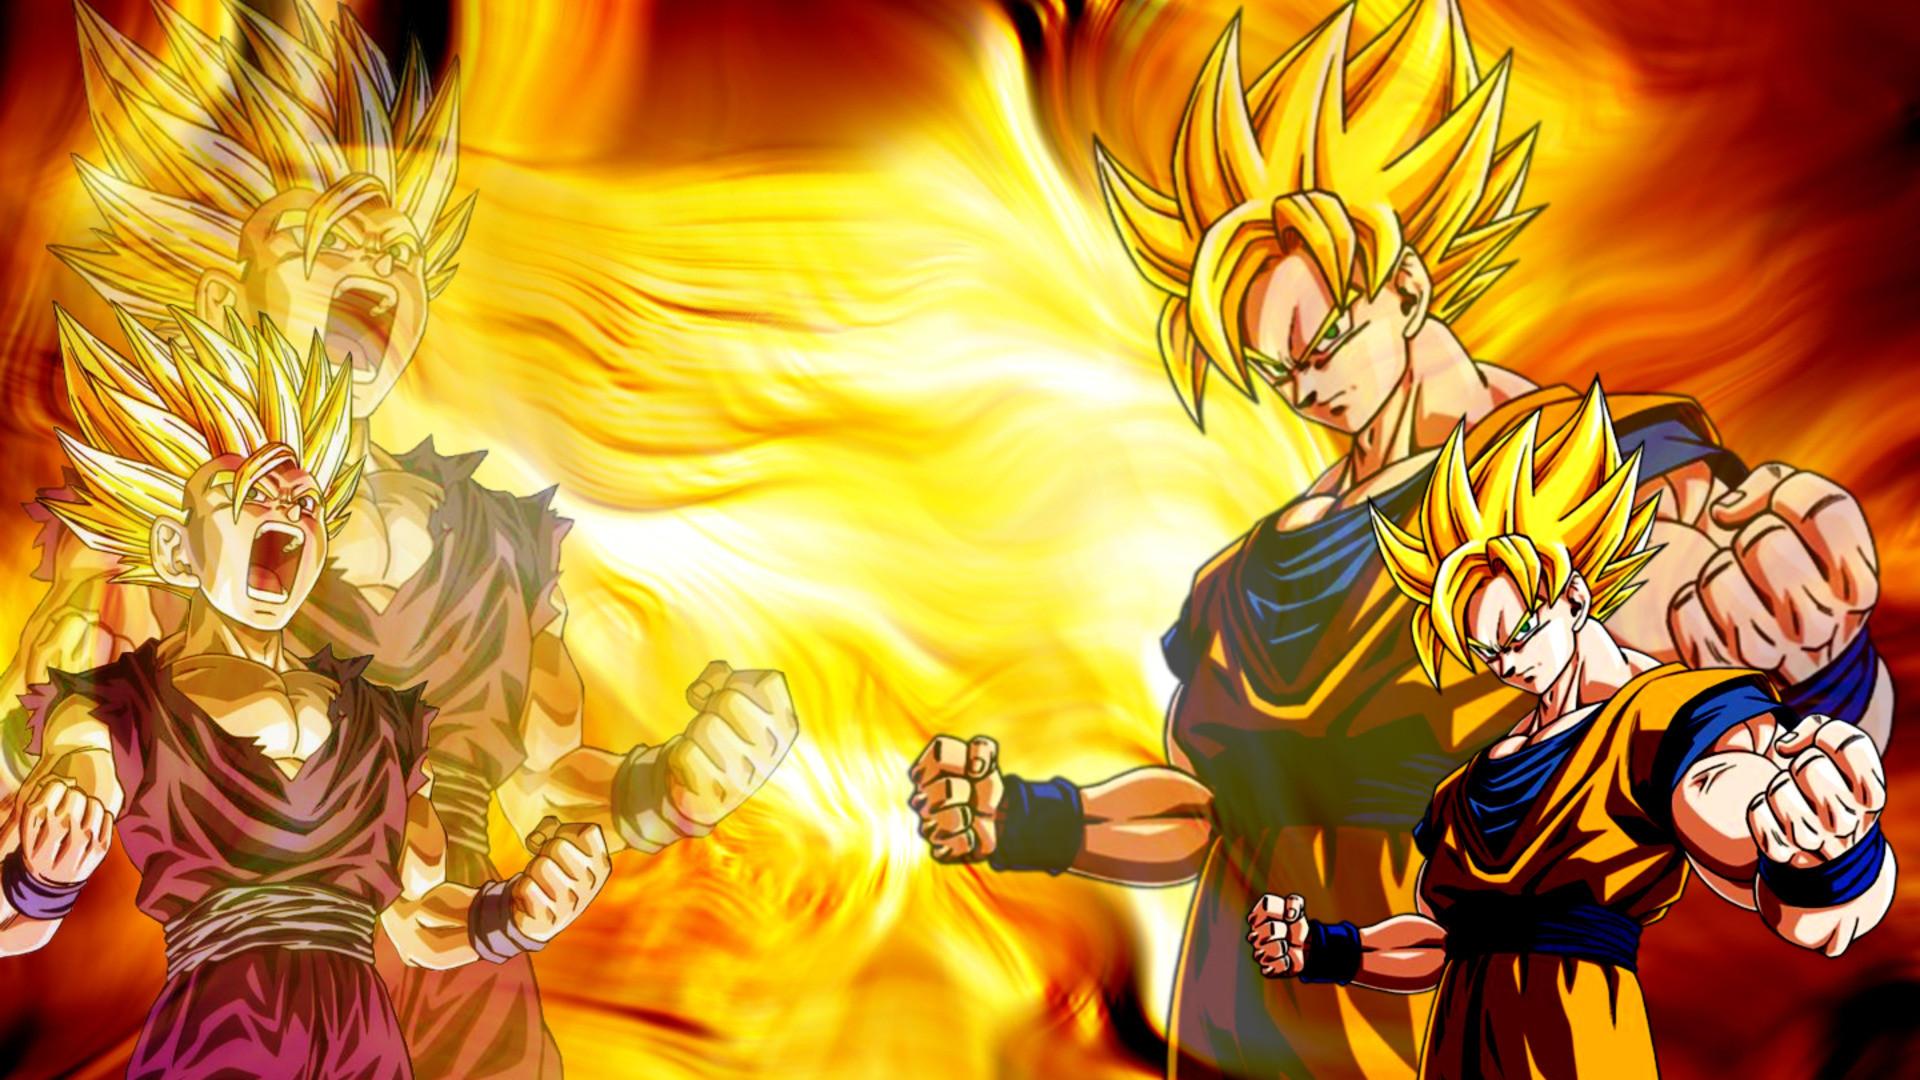 HD Super Saiyan Goku Wallpaper Full Size – HiReWallpapers 836